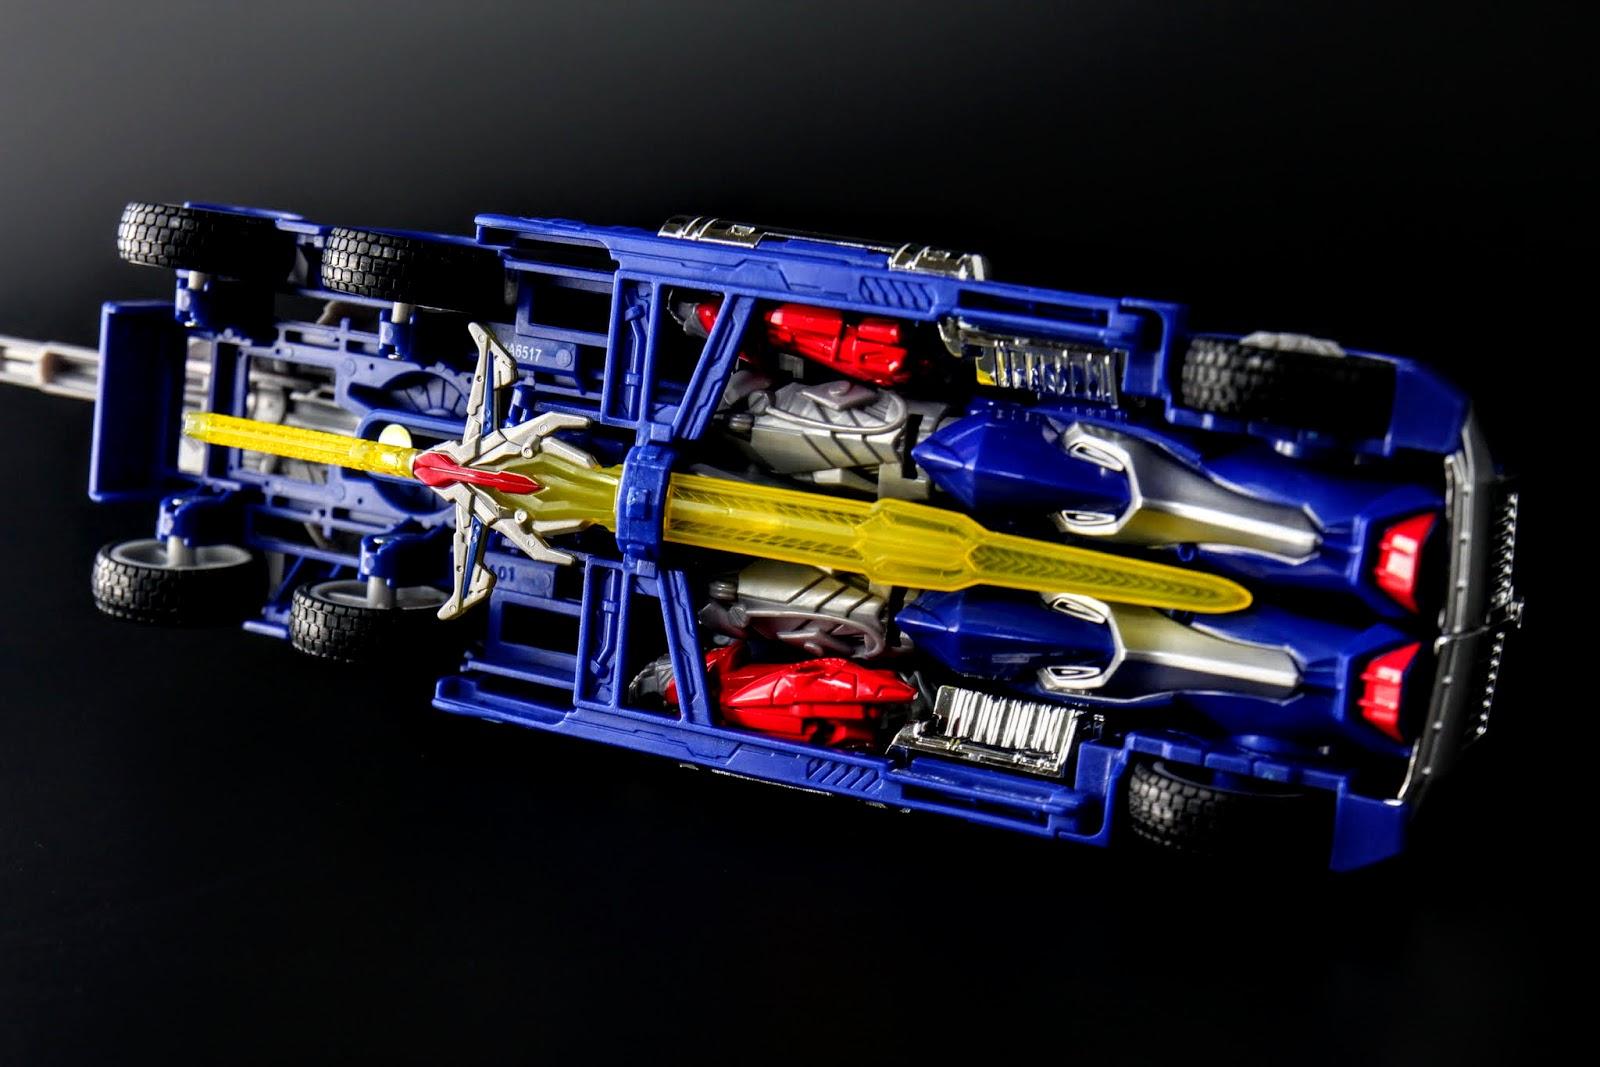 車底可以把審判之劍放在原來放審判之劍的地方XD